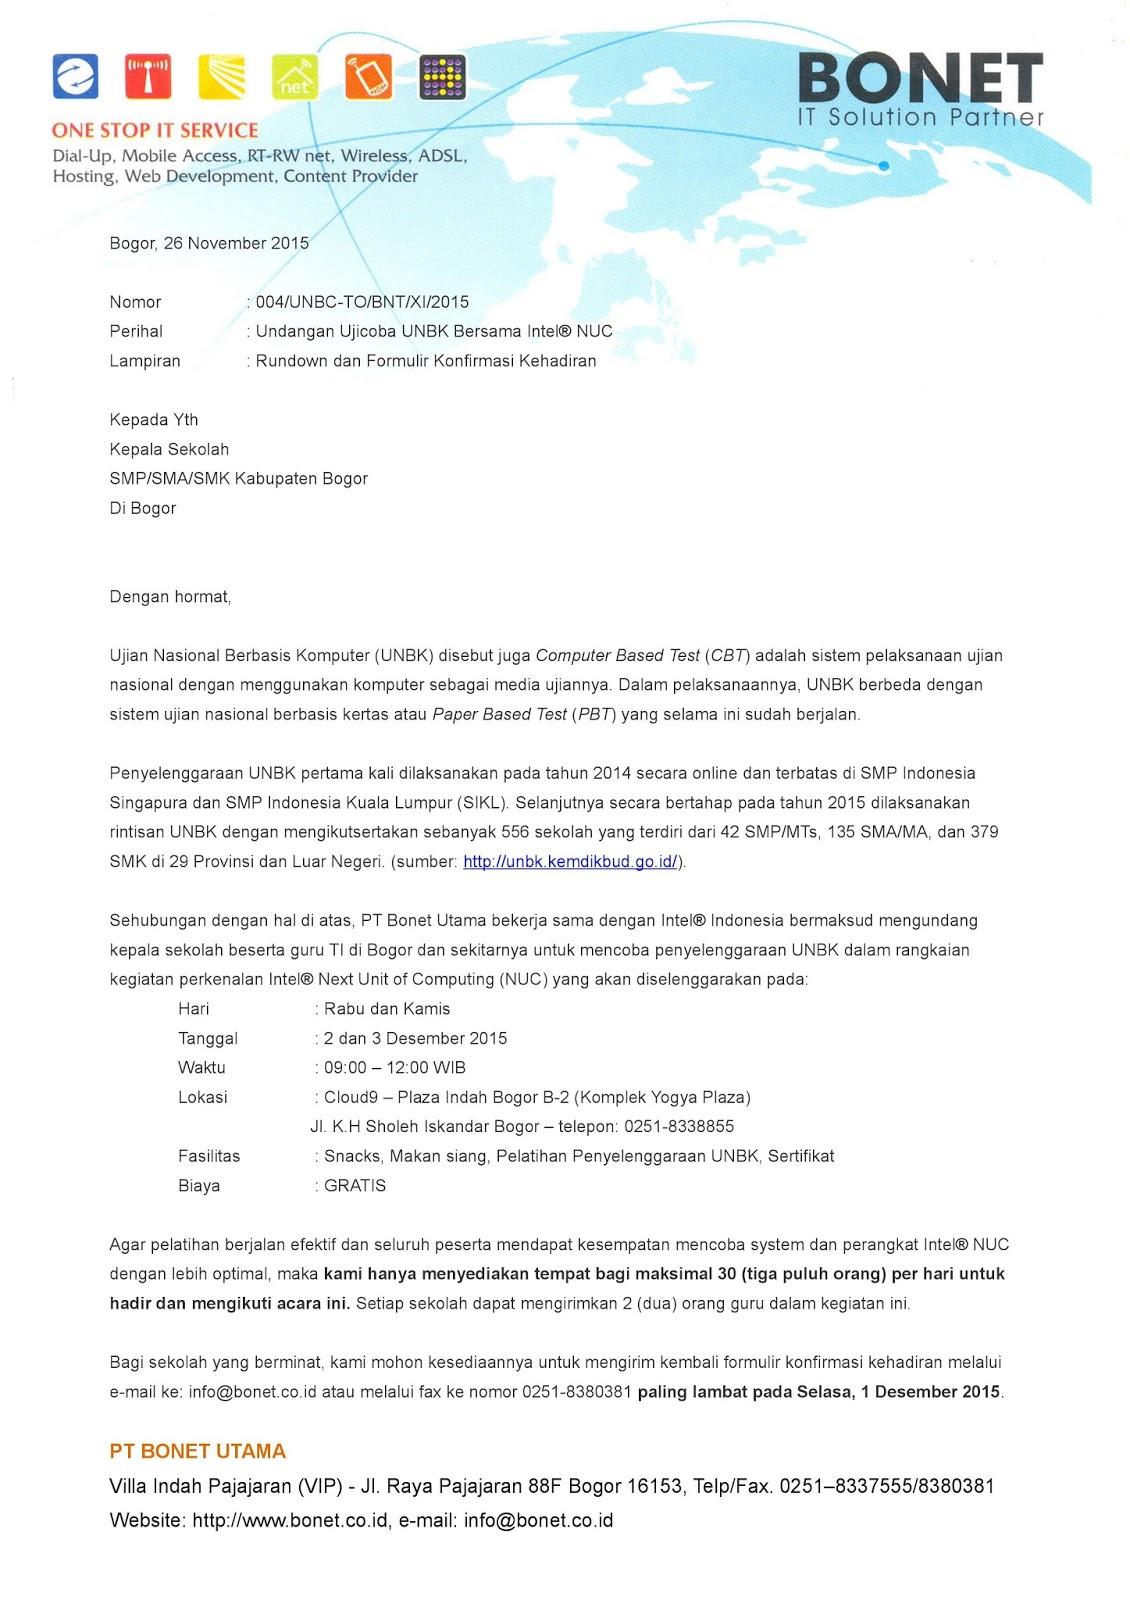 Contoh Surat Undangan Ujicoba Unbk Brankas Arsip